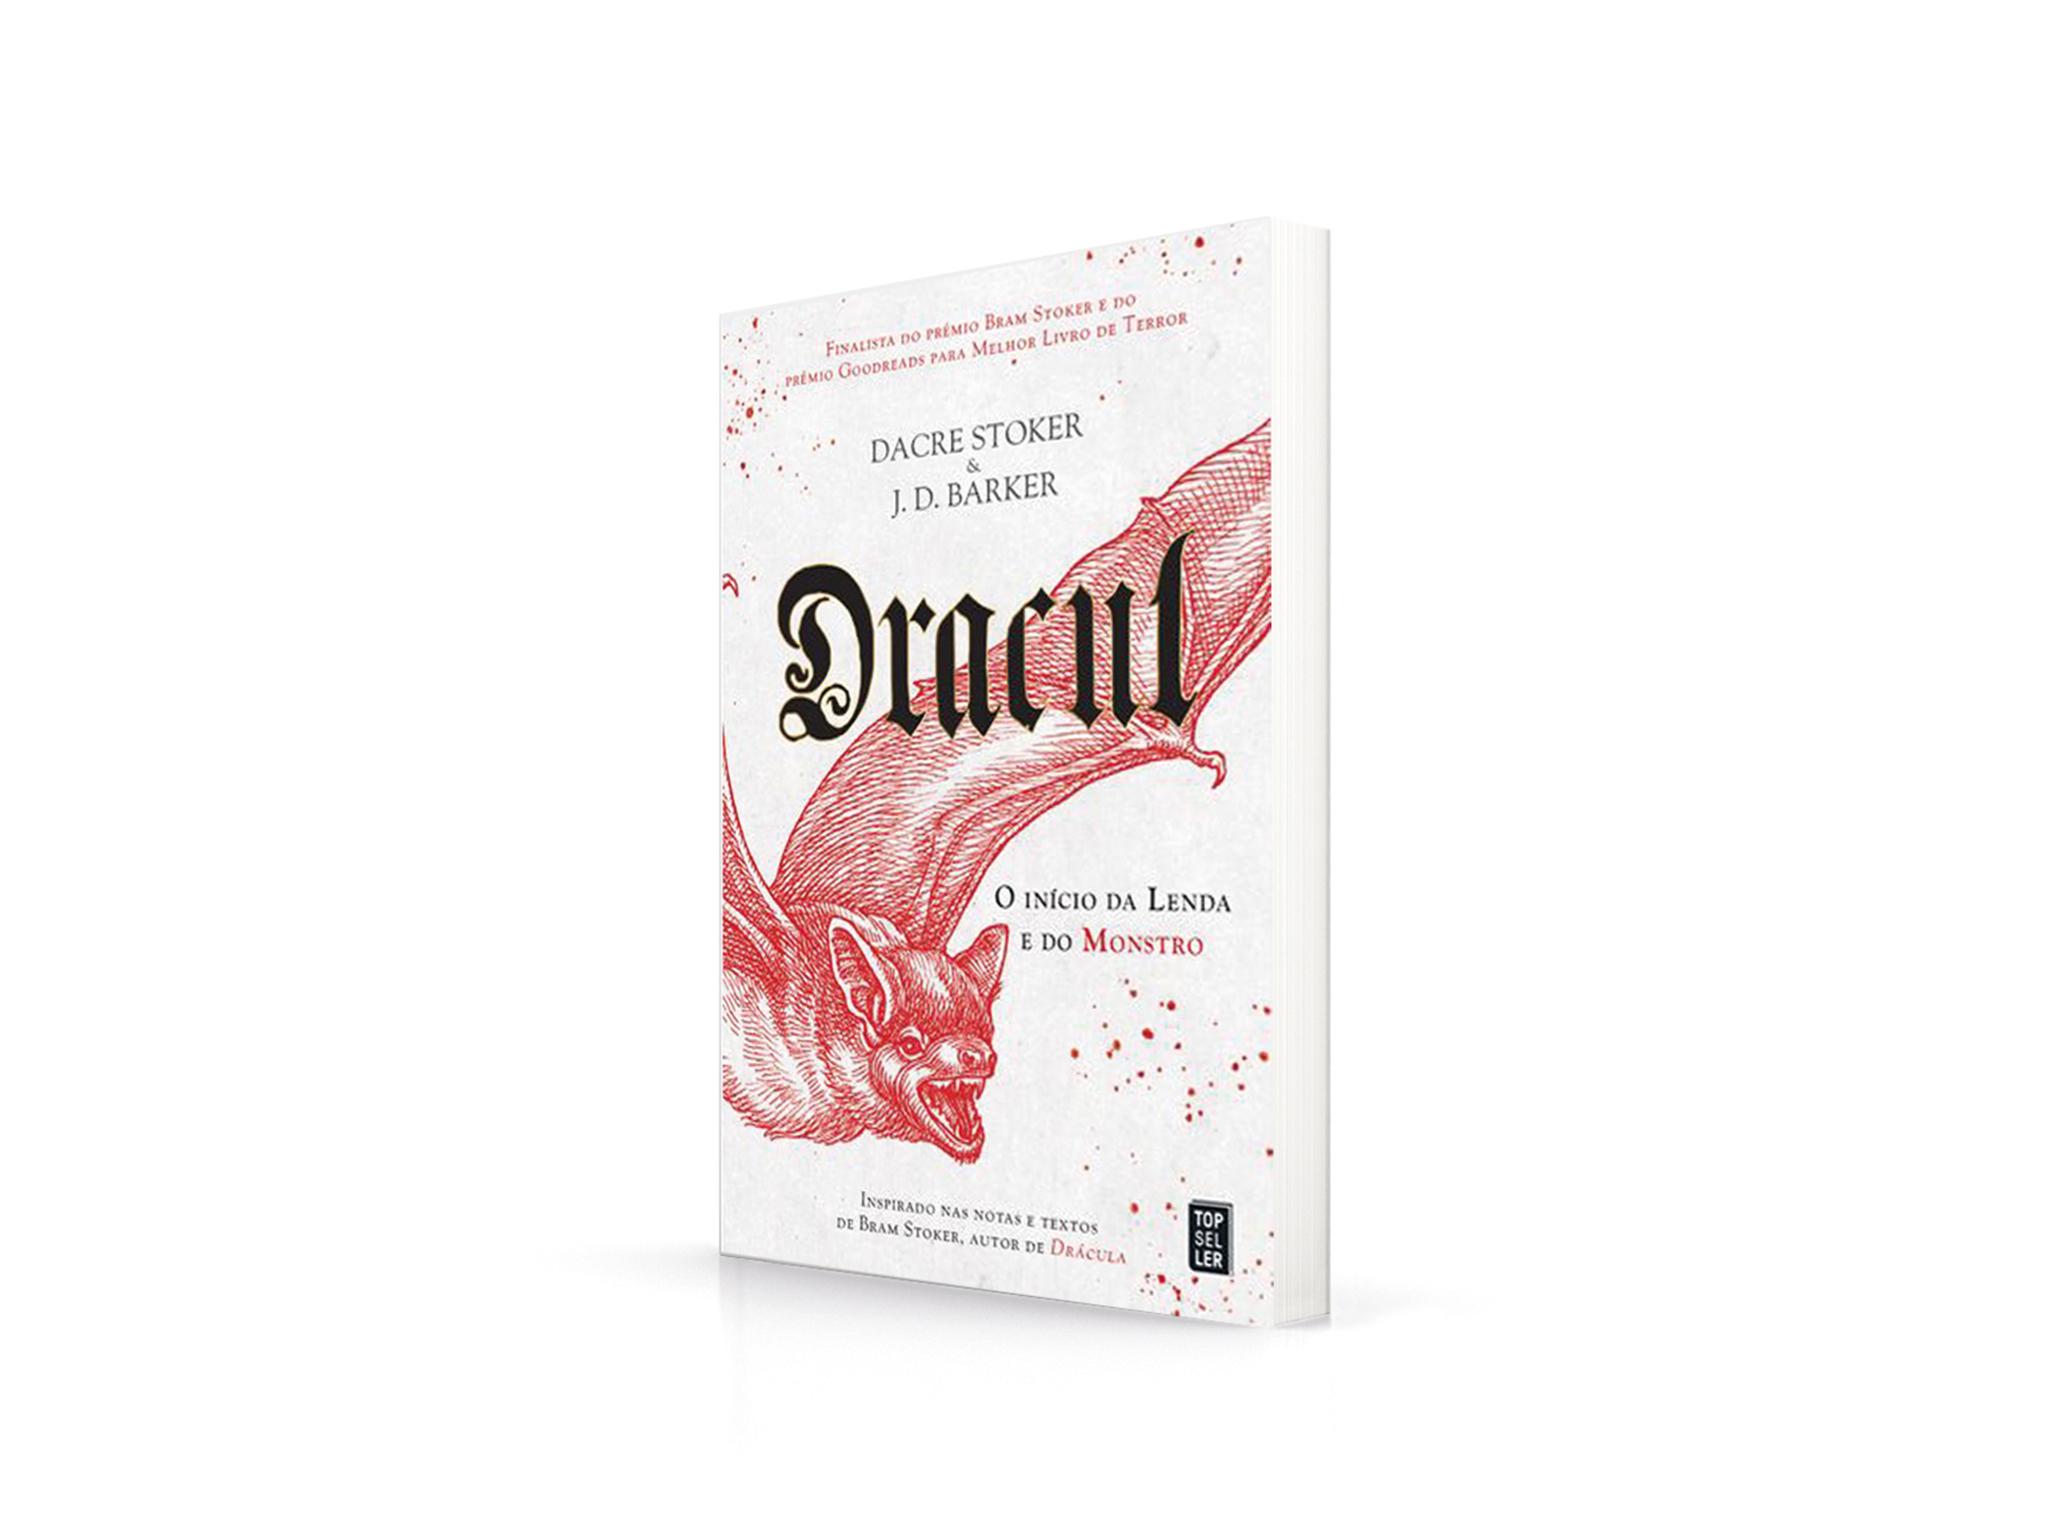 Livro, Terror, Dracul, Dacre Stoker J.D. Barker